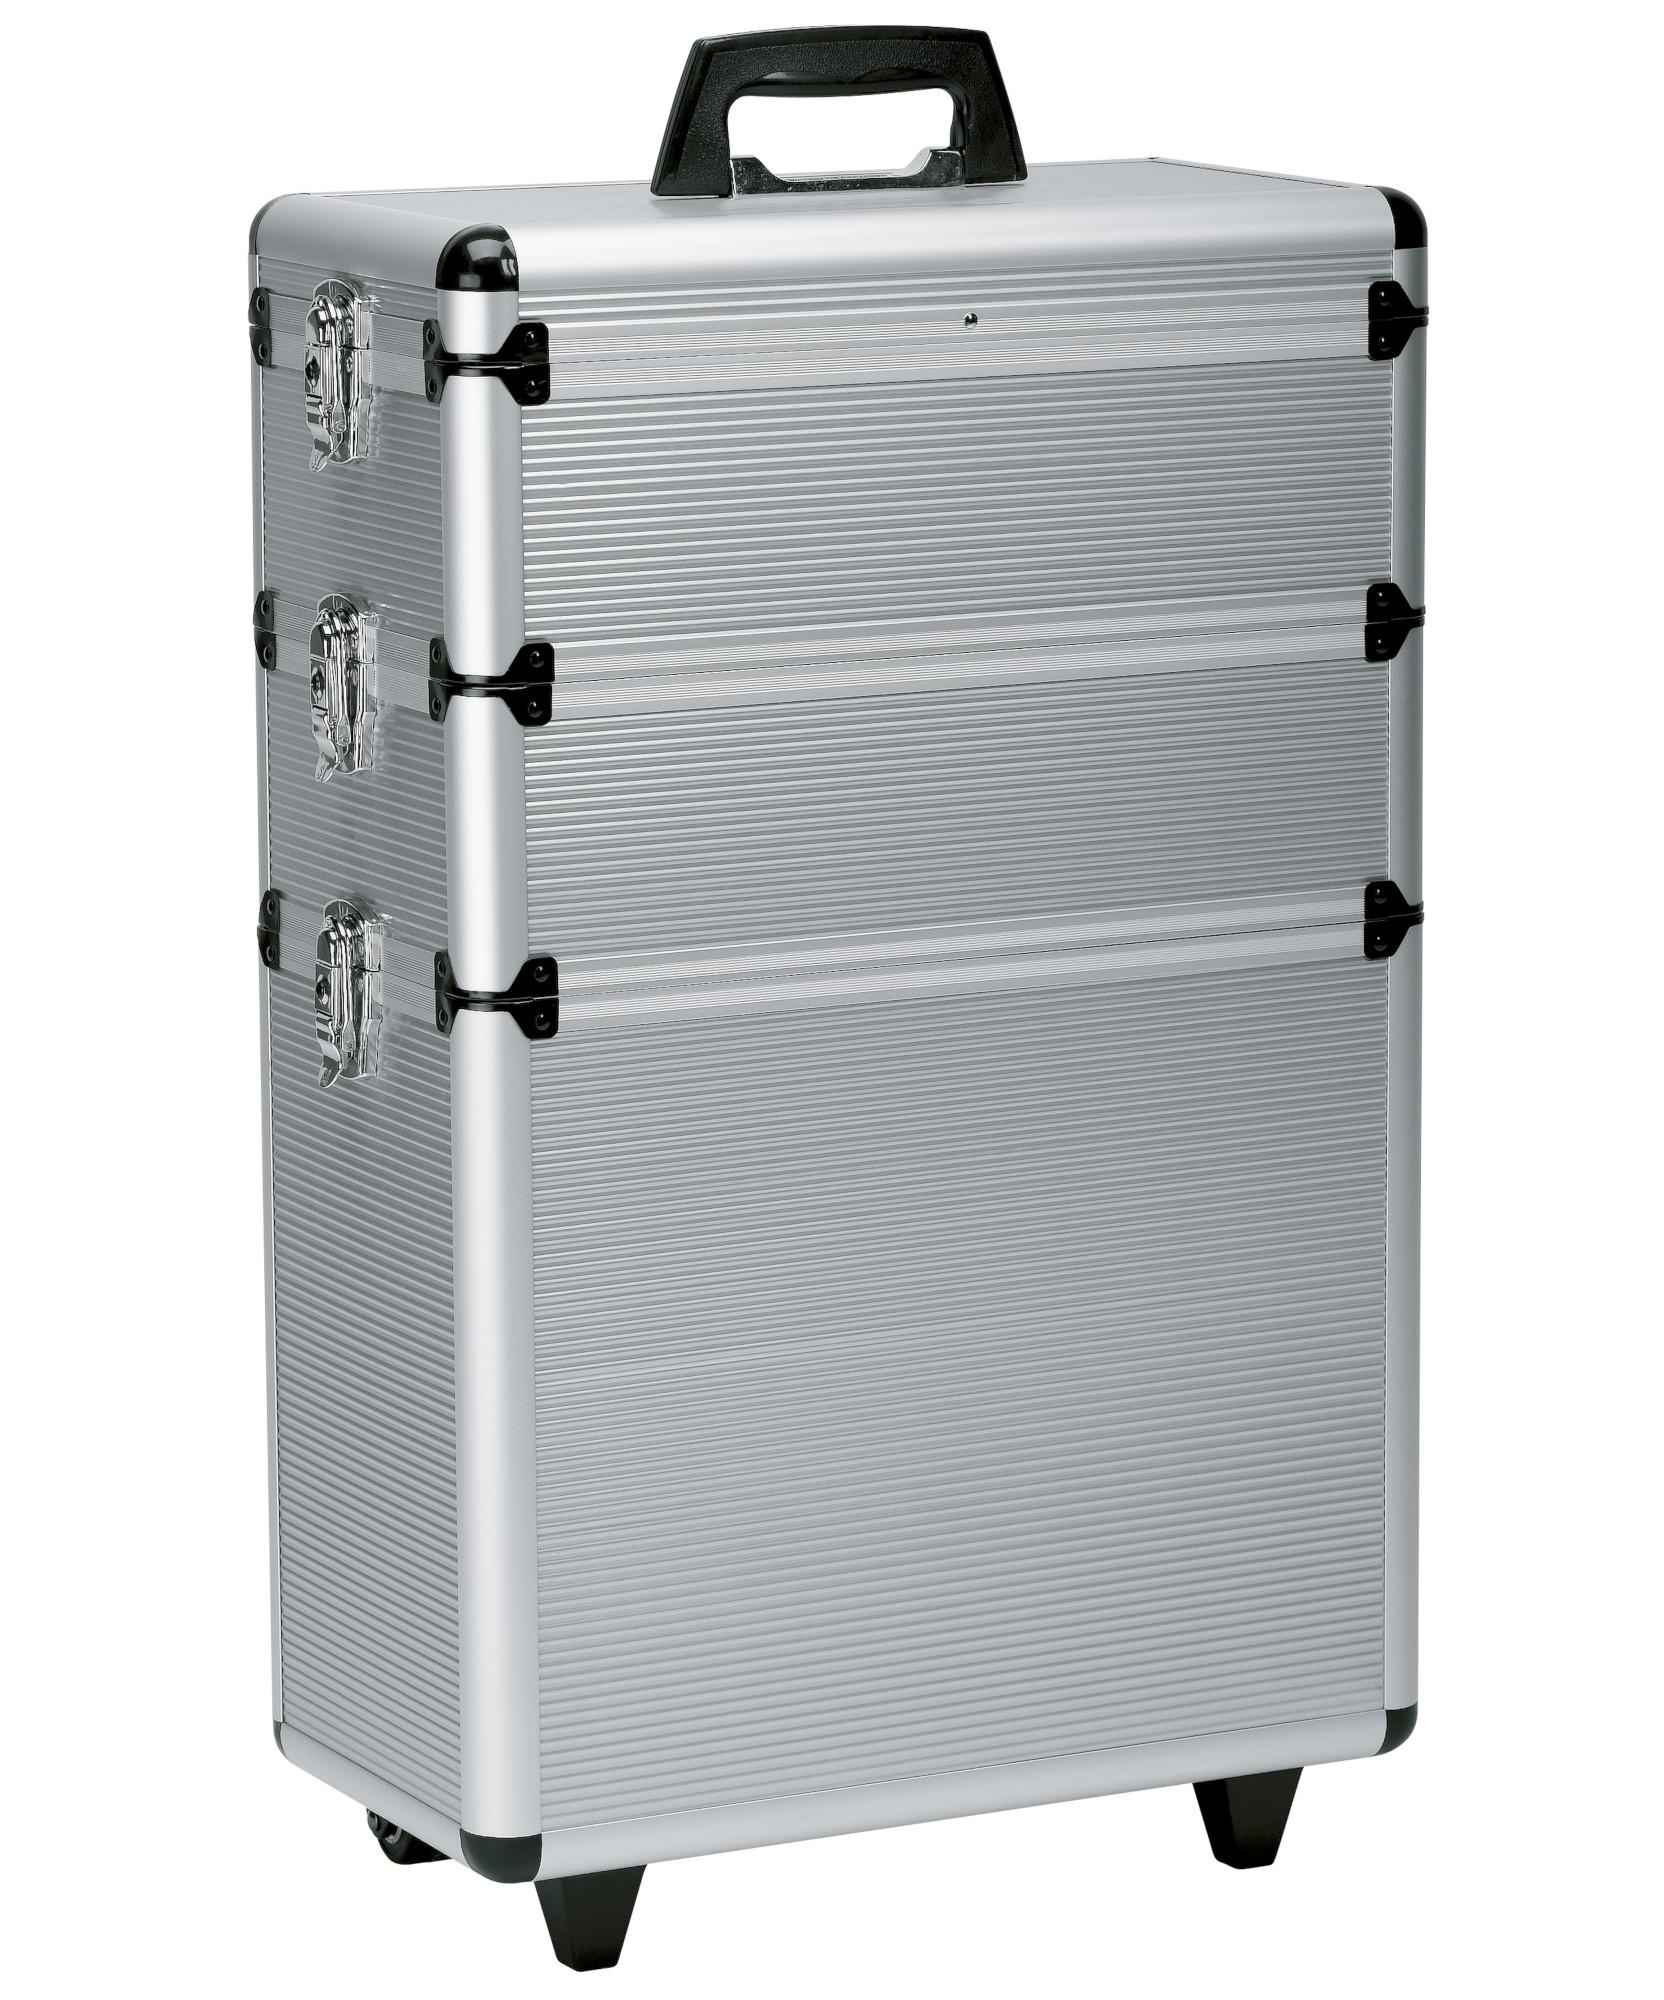 Sekční kufr na kolečkách Best Buy Original Alu - stříbrný (0150731) + DÁREK ZDARMA